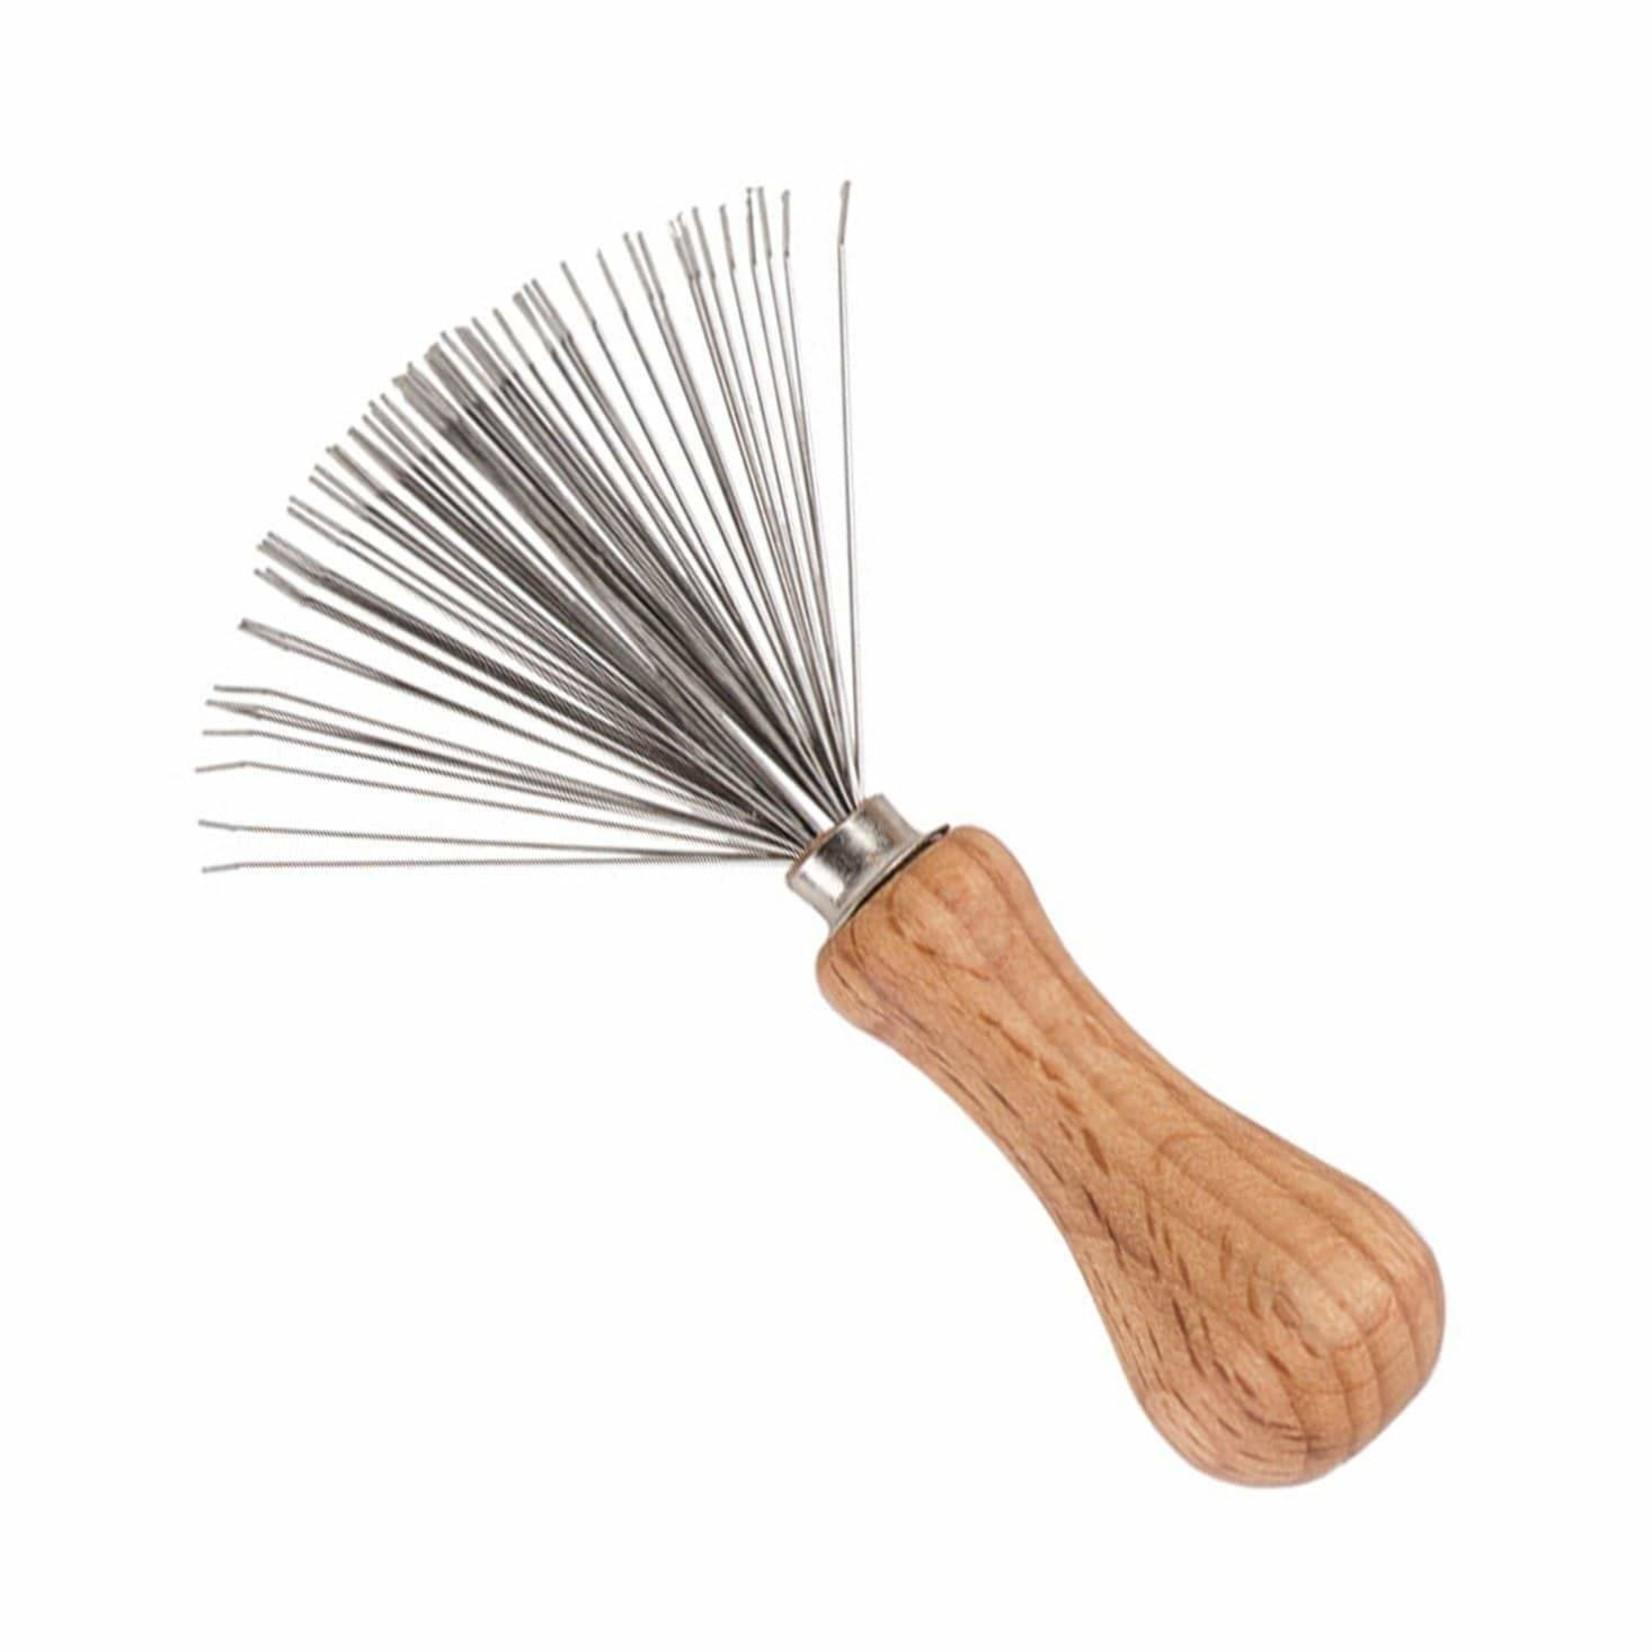 Redecker Redecker Comb & Brush Cleaner